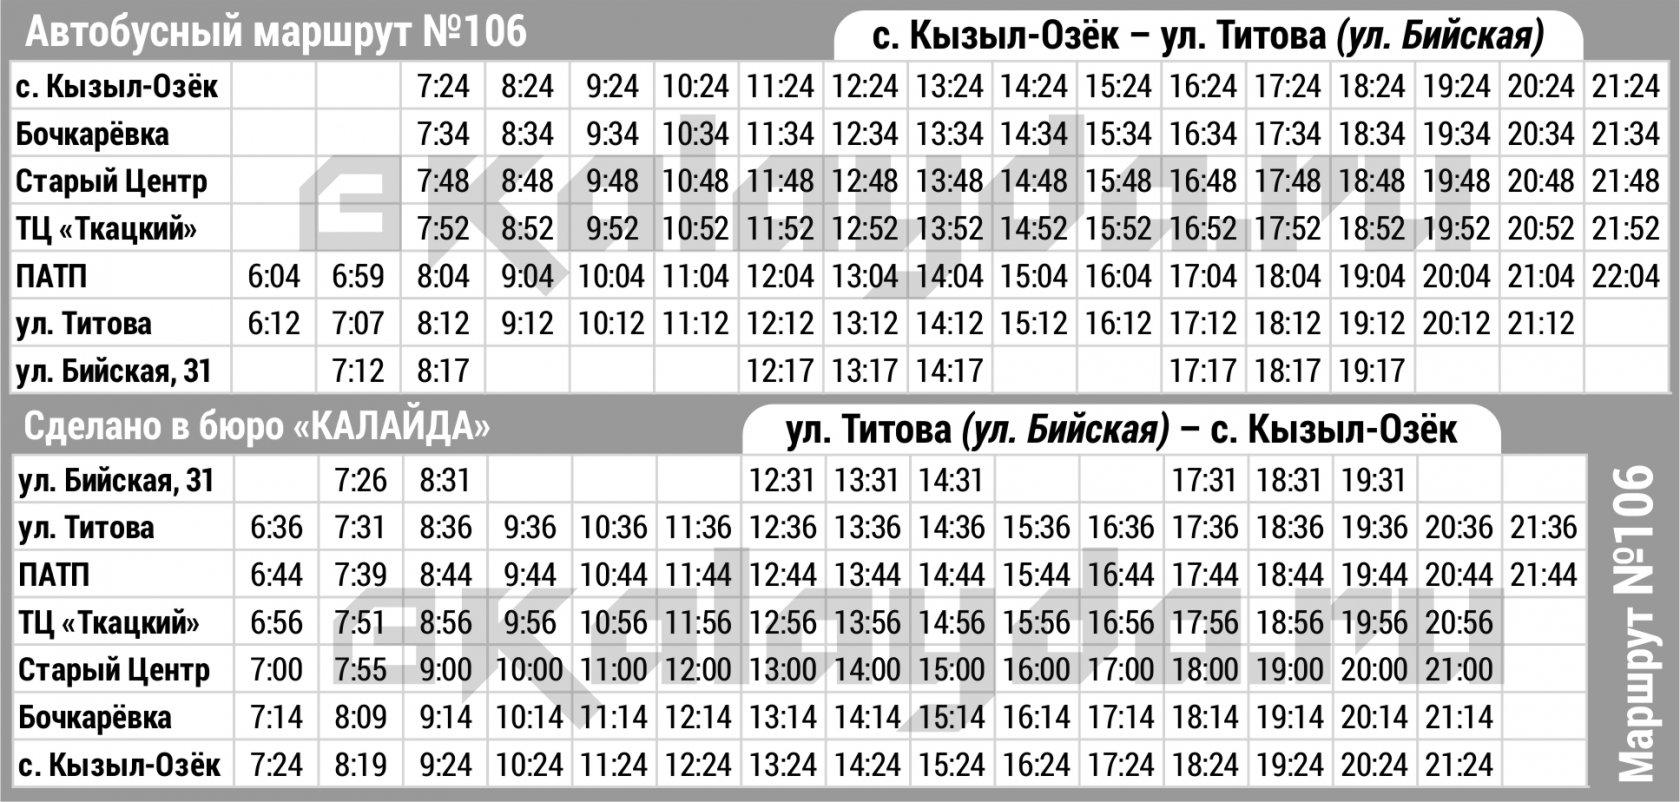 Отправление автобусов из горно-алтайска начинается с по , а прибытие в бийск происходит с дня до дня.